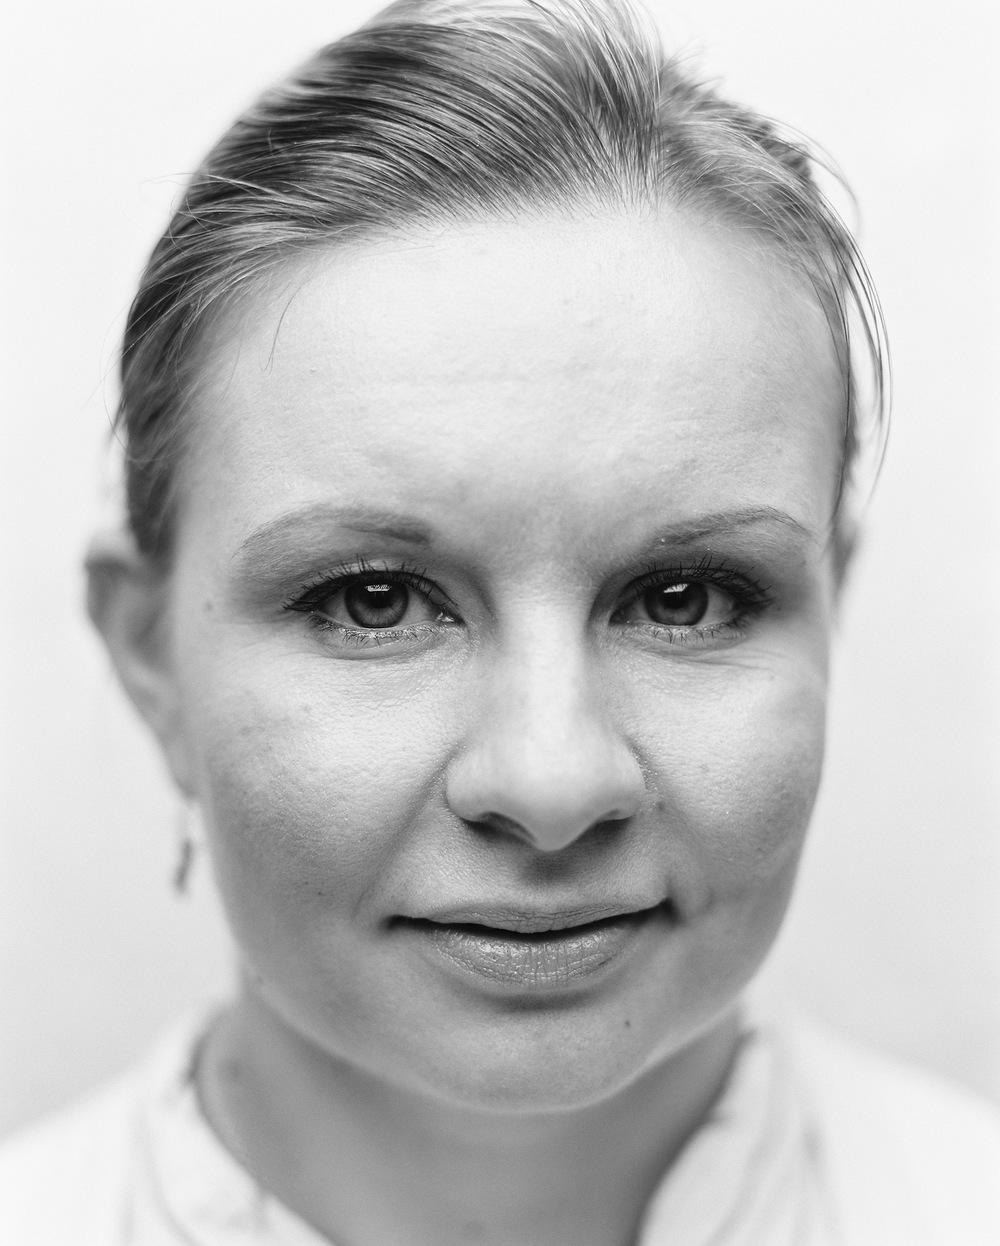 Aleona Kalinovskaya